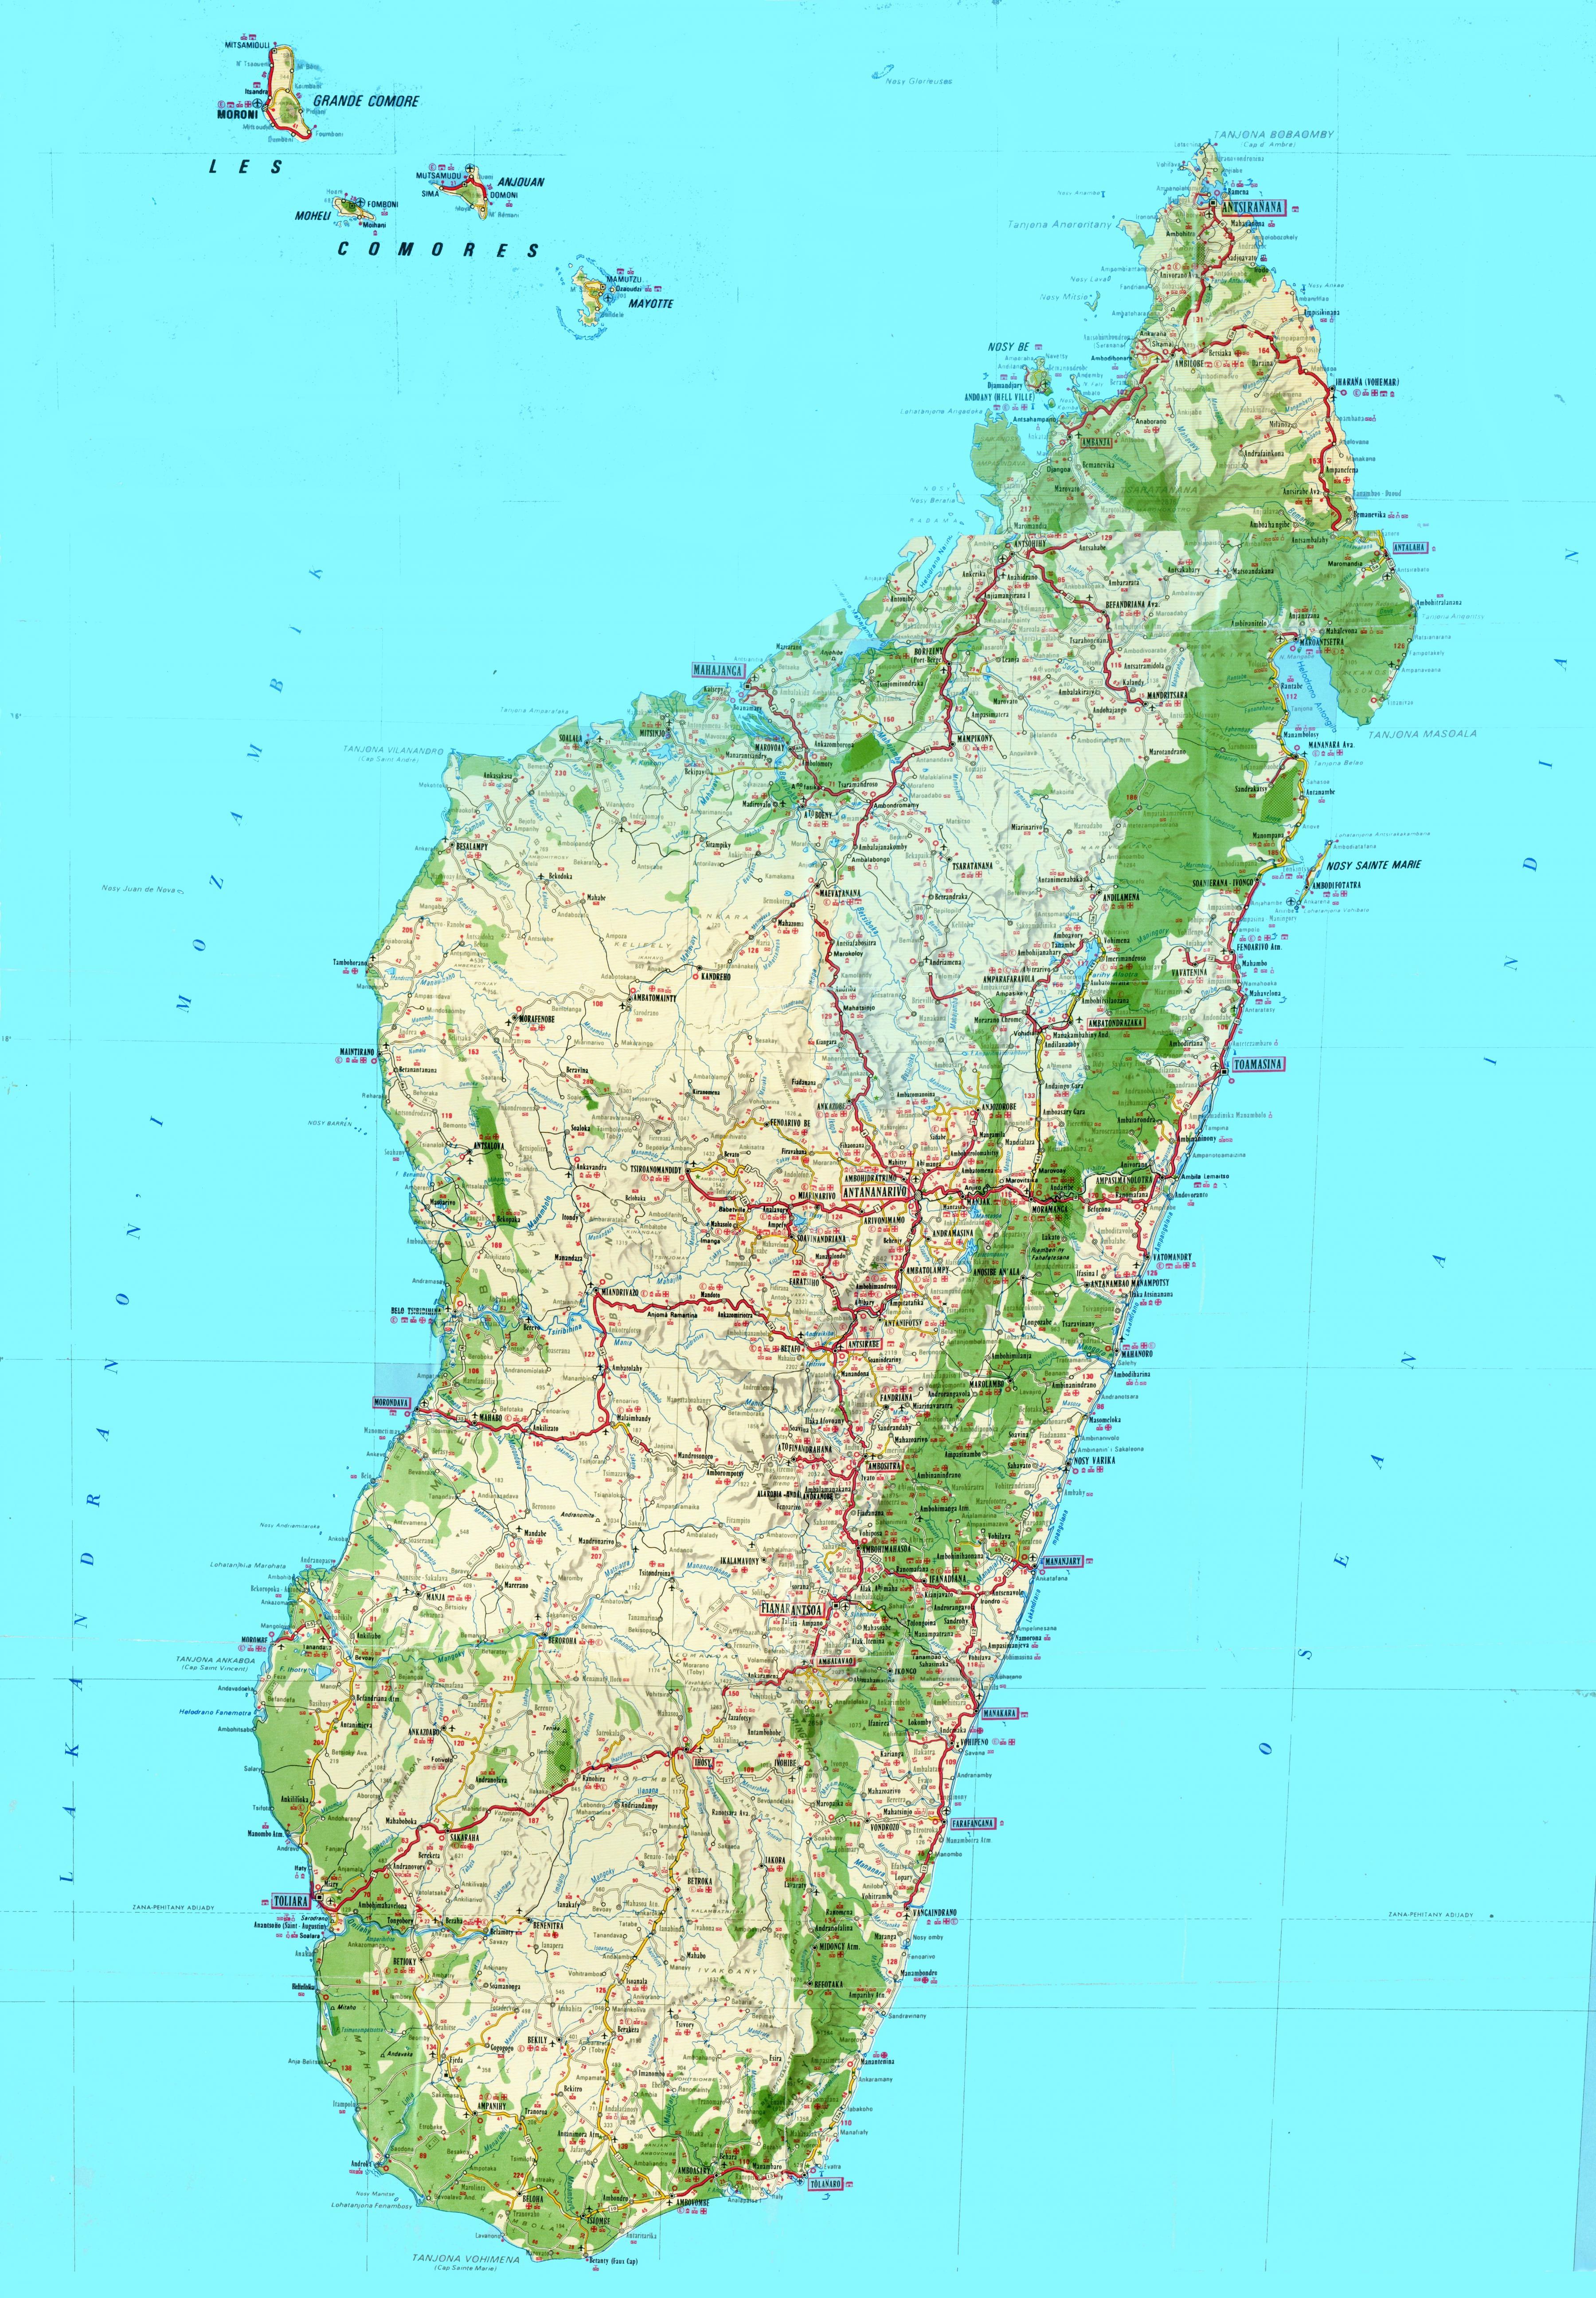 kart over madagaskar Madagaskar topografiske kart   Kart over Madagaskar topografiske  kart over madagaskar